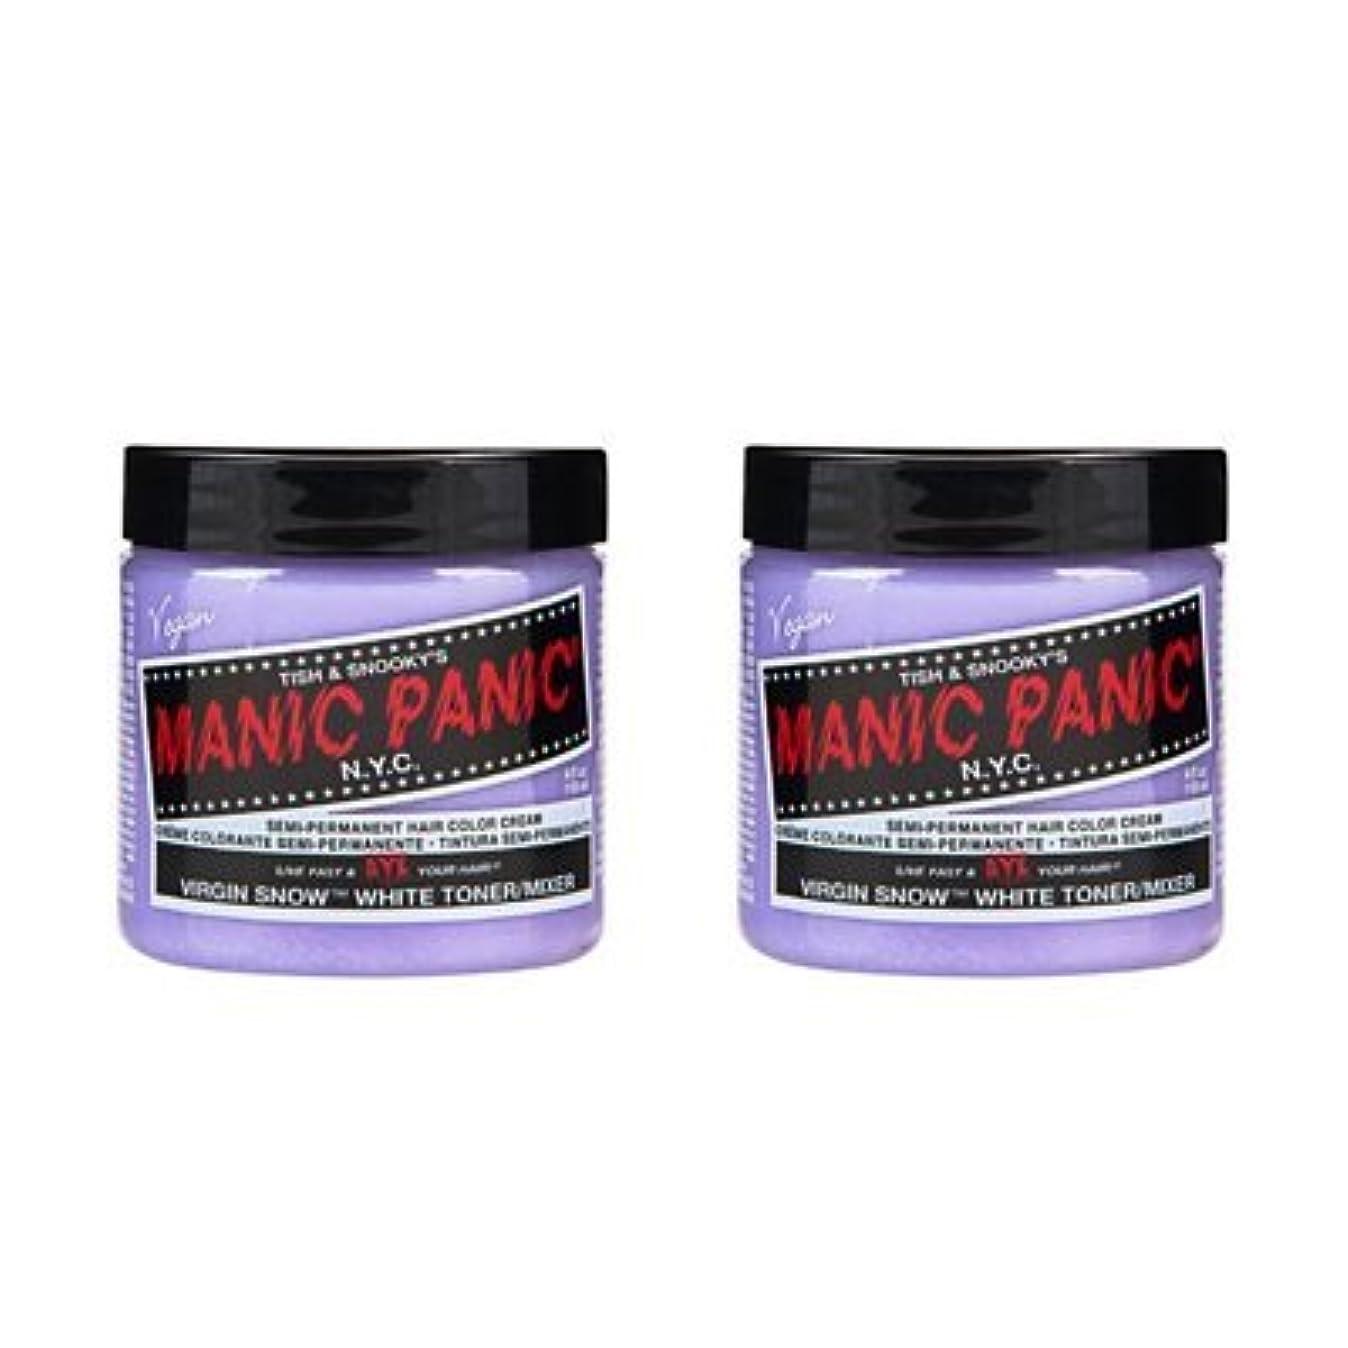 泥かどうか一般化する【2個セット】MANIC PANIC マニックパニック Virgin Snow (ヴァージン?スノー) 118ml